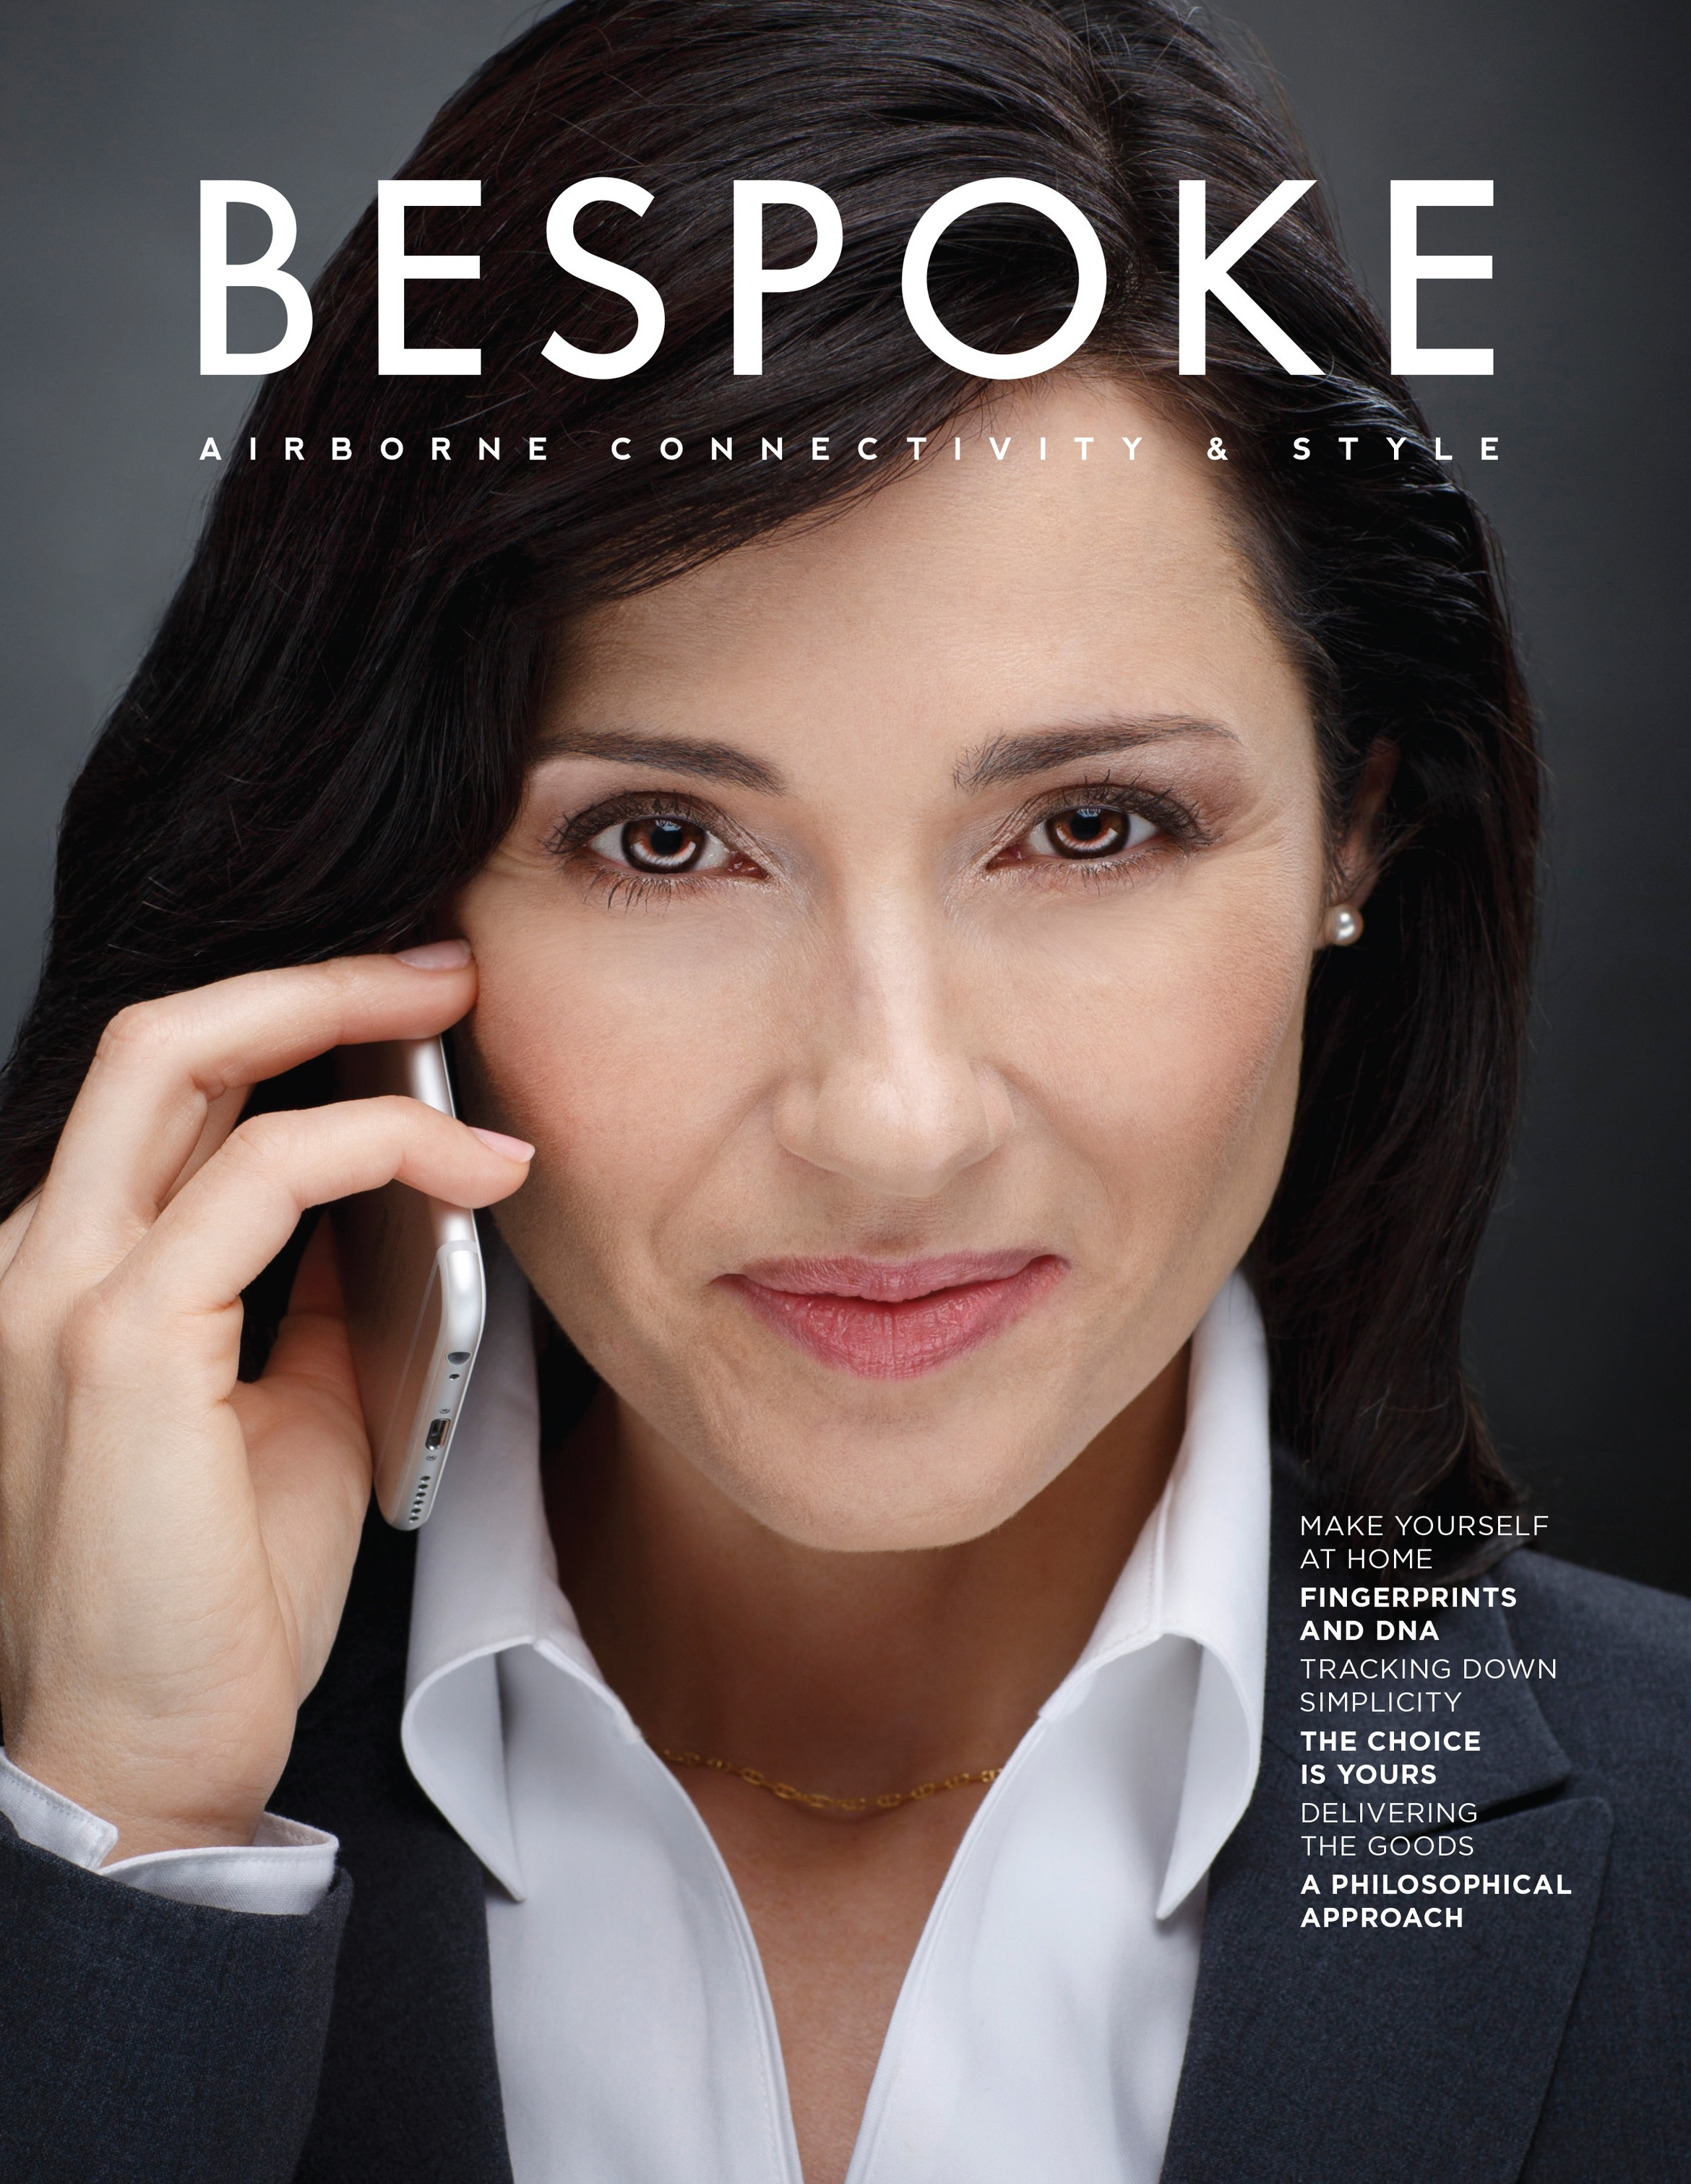 bespoke_cover.jpg